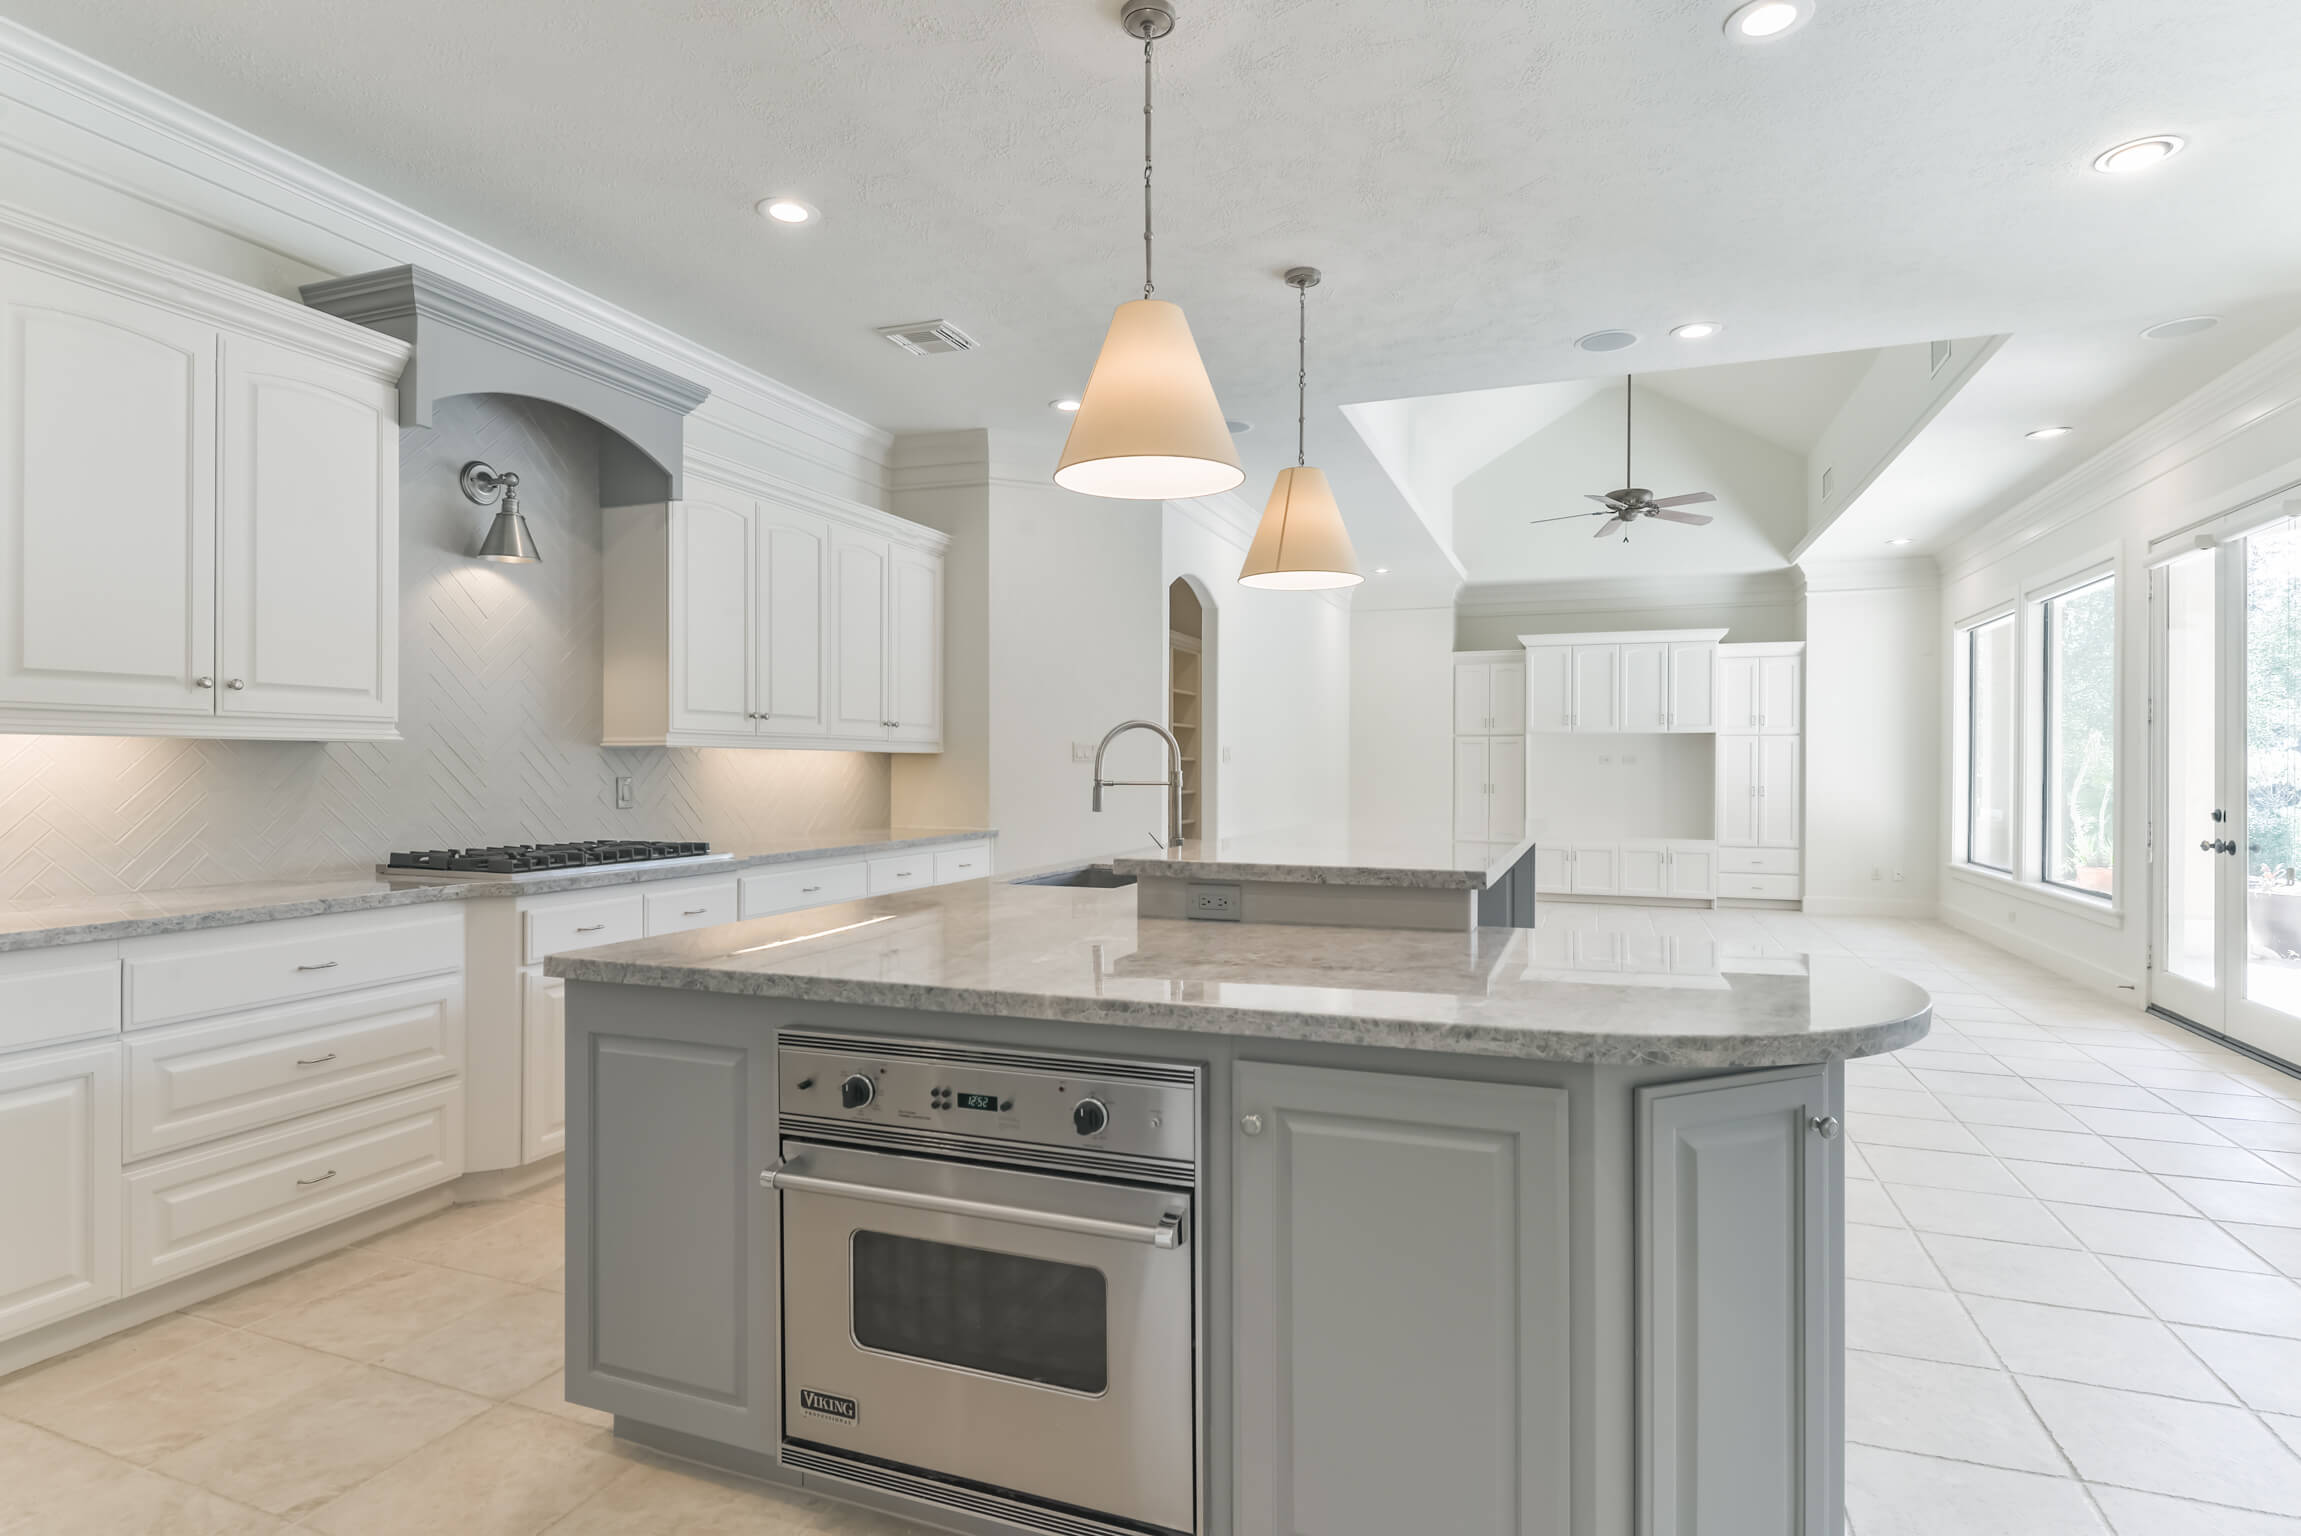 """""""AFTER"""" KITCHEN REMODEL - Designer: Carla Aston #kitchenremodel #graykitchen #kitchenisland #kitchenremodelideas #kitchenideas"""